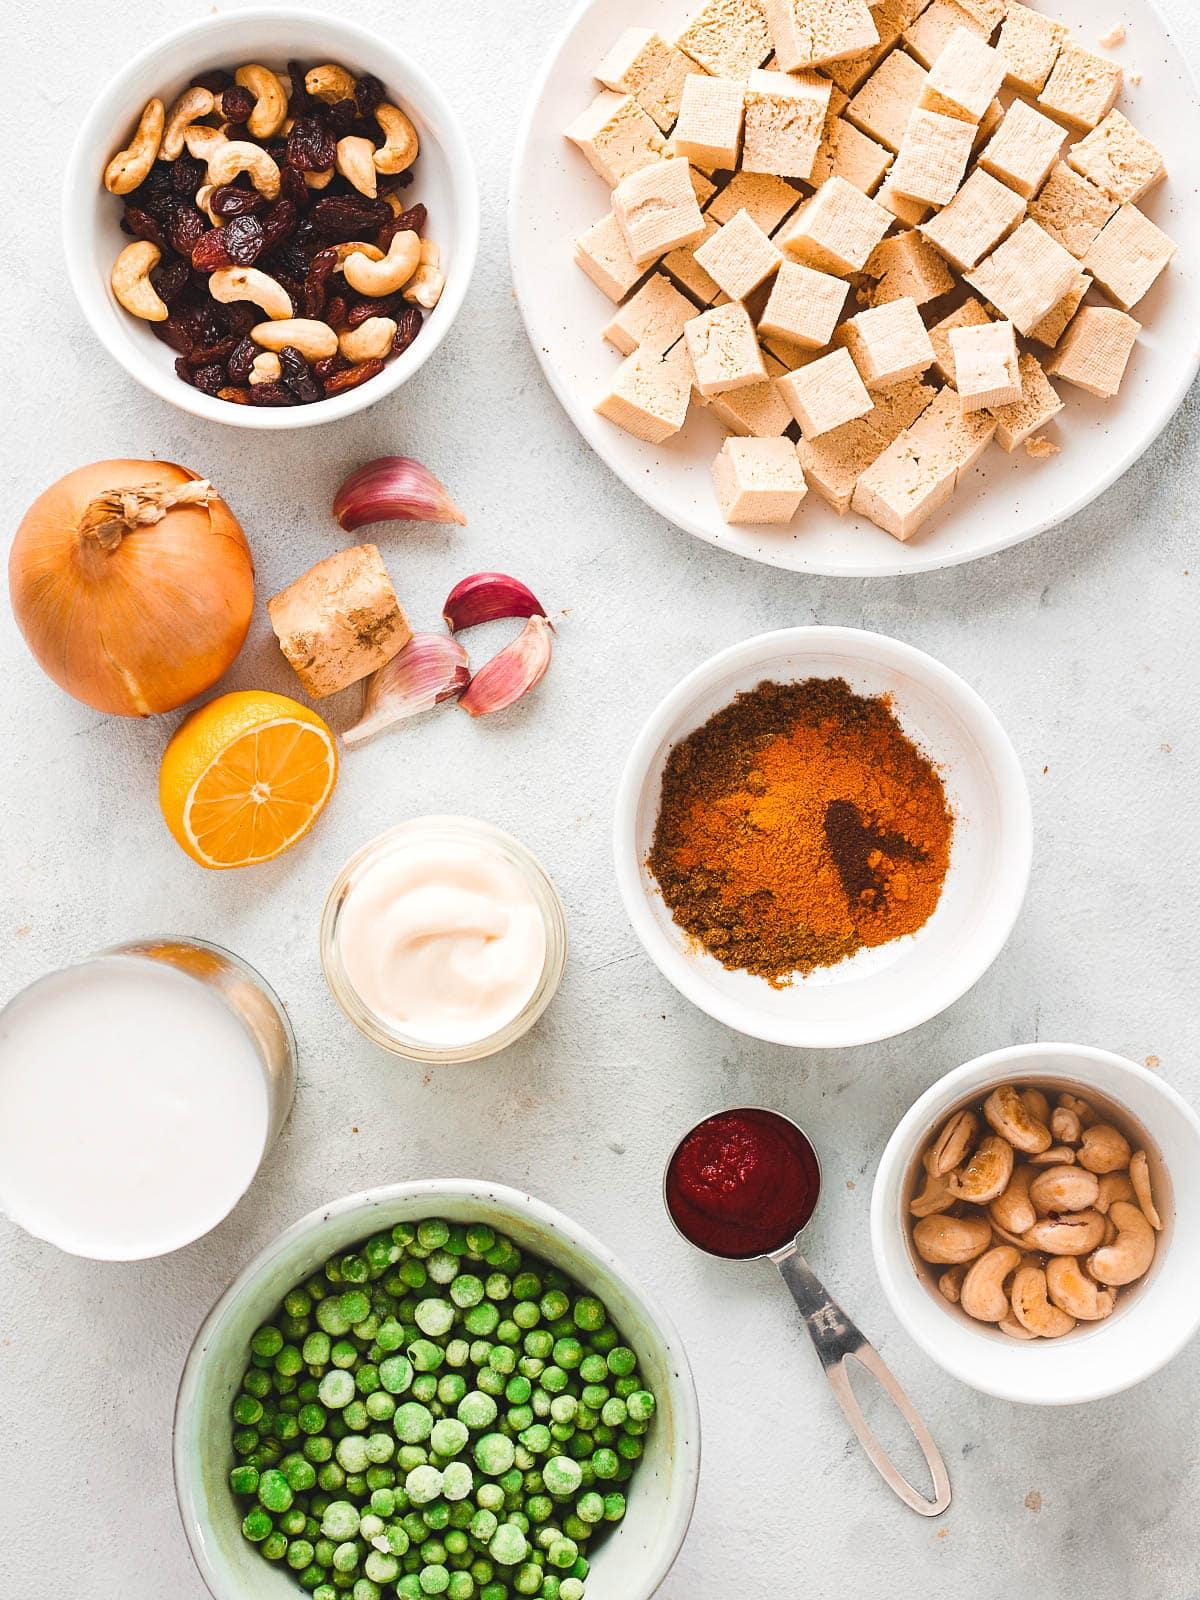 Ingredients for vegan shahi korma